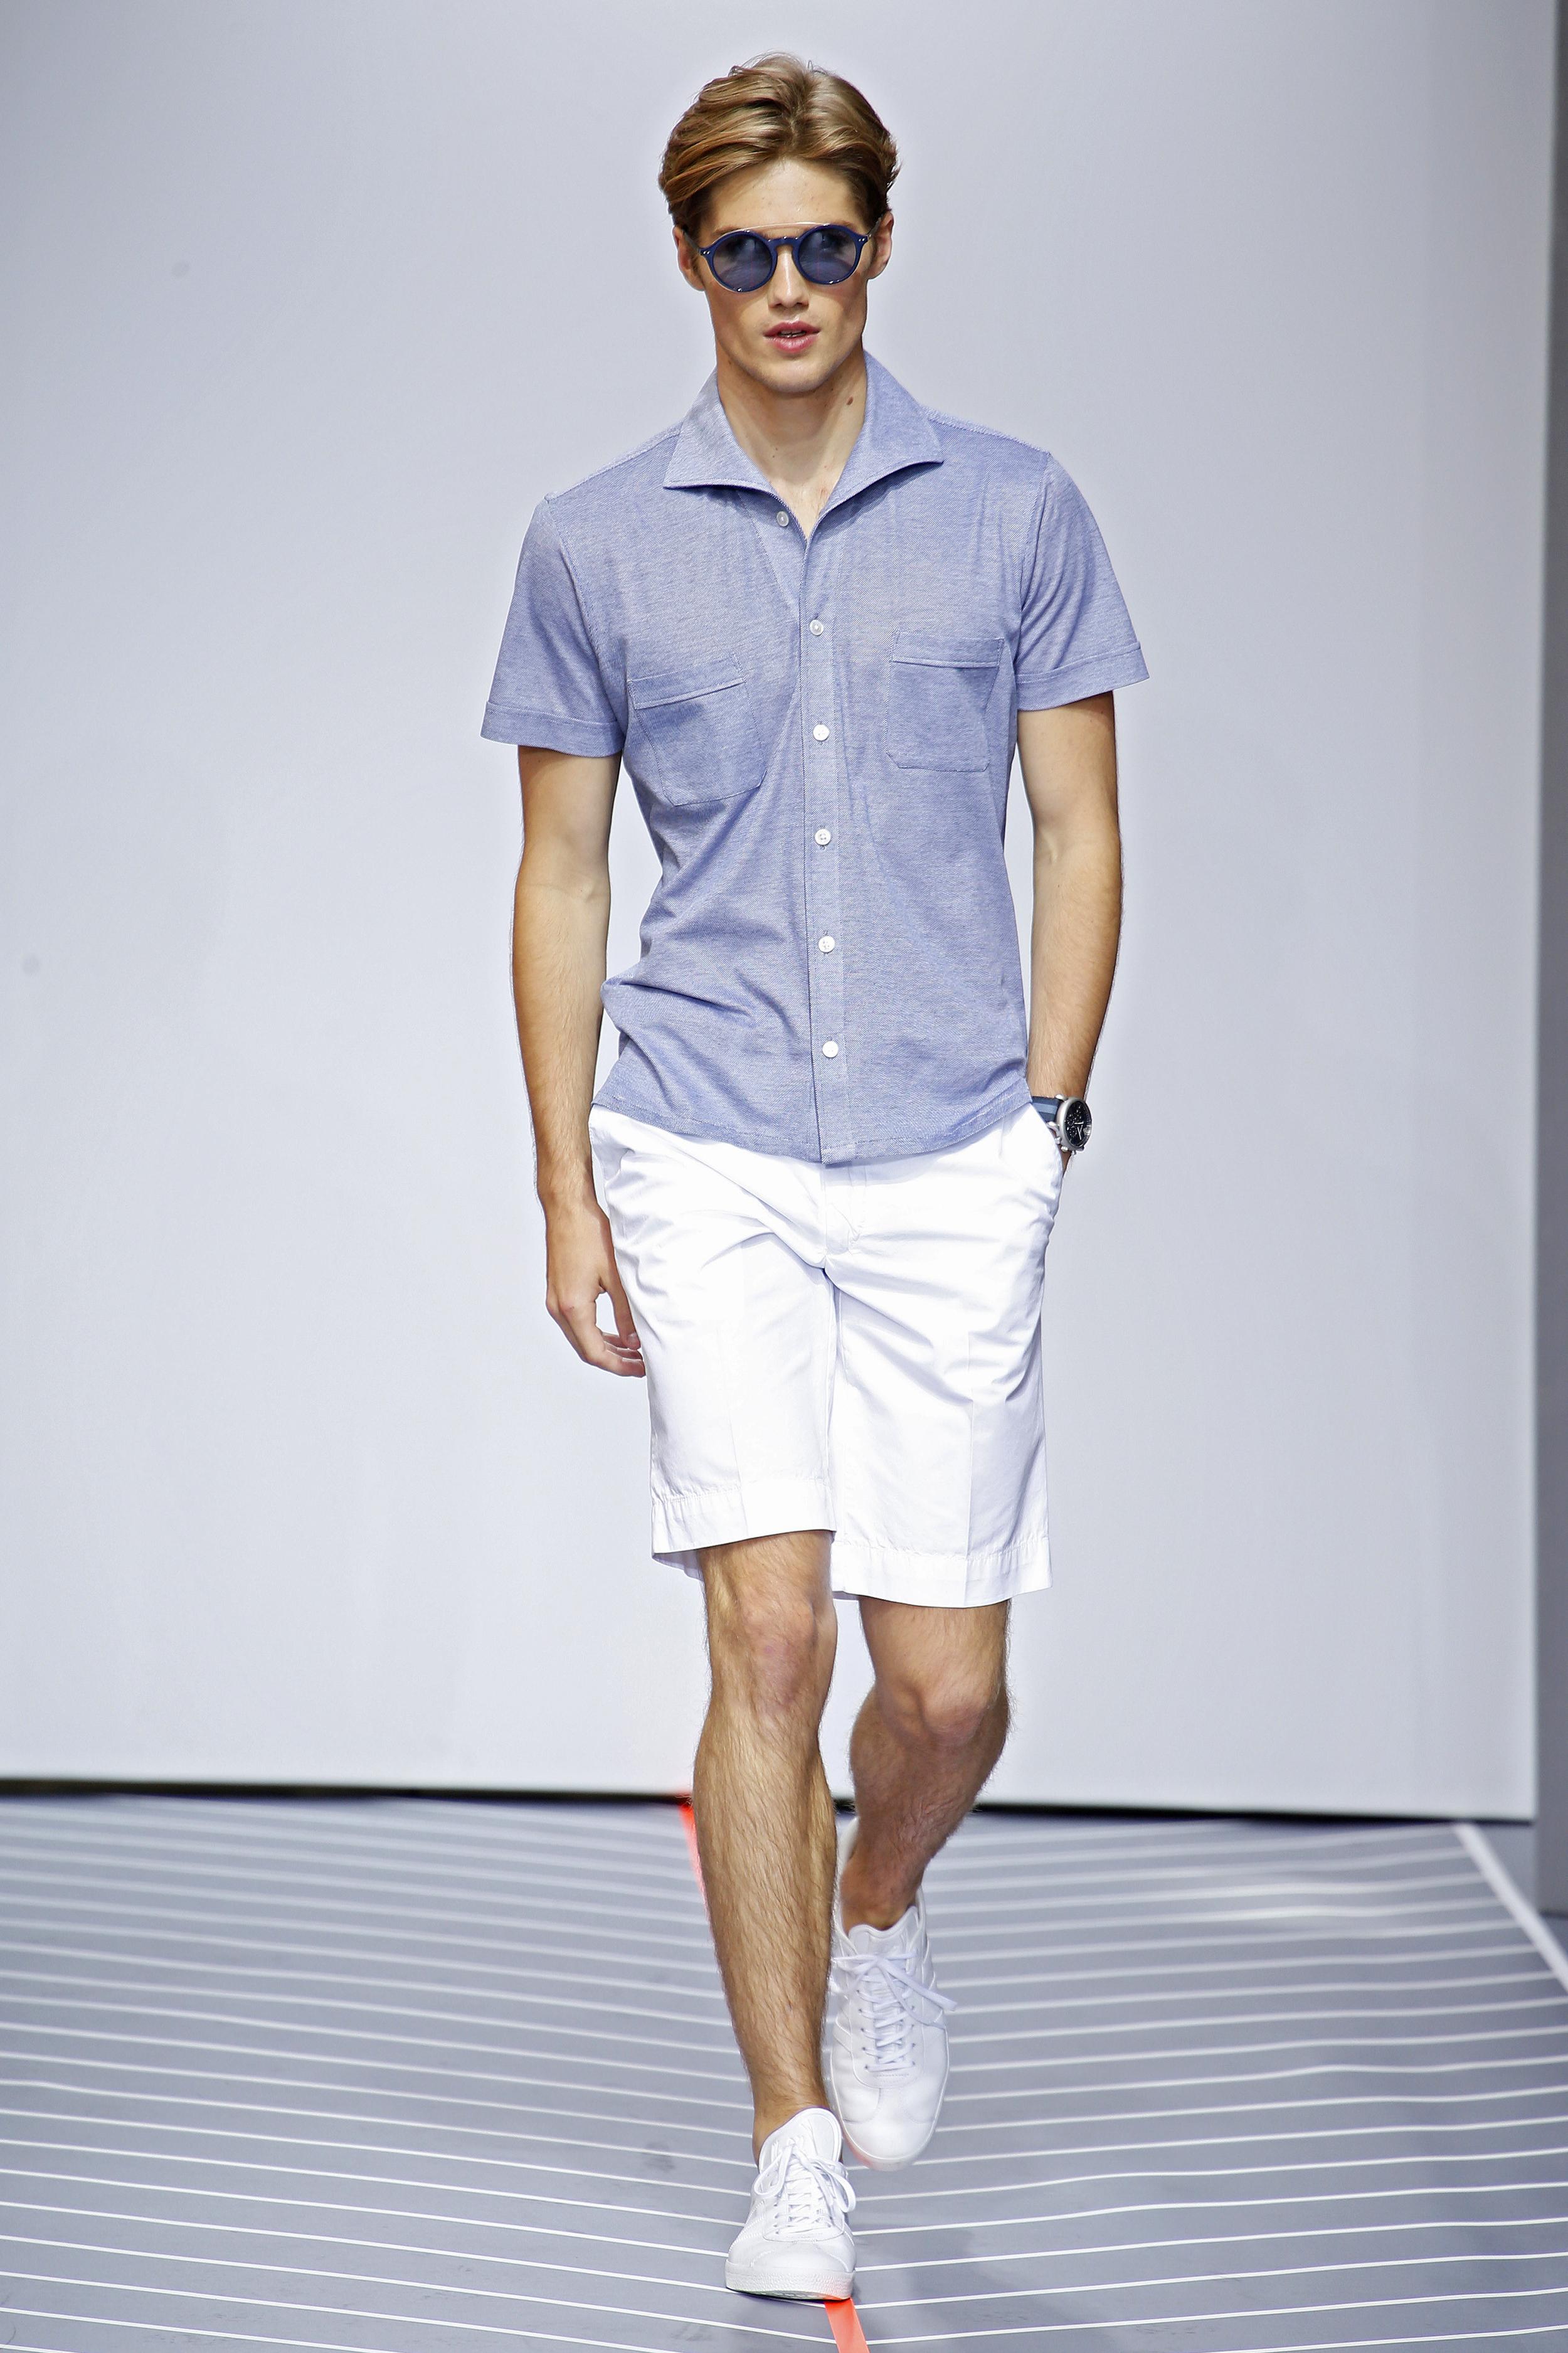 London Men's Fashion Week Spring/Summer: St James's zeigt weiße Shorts